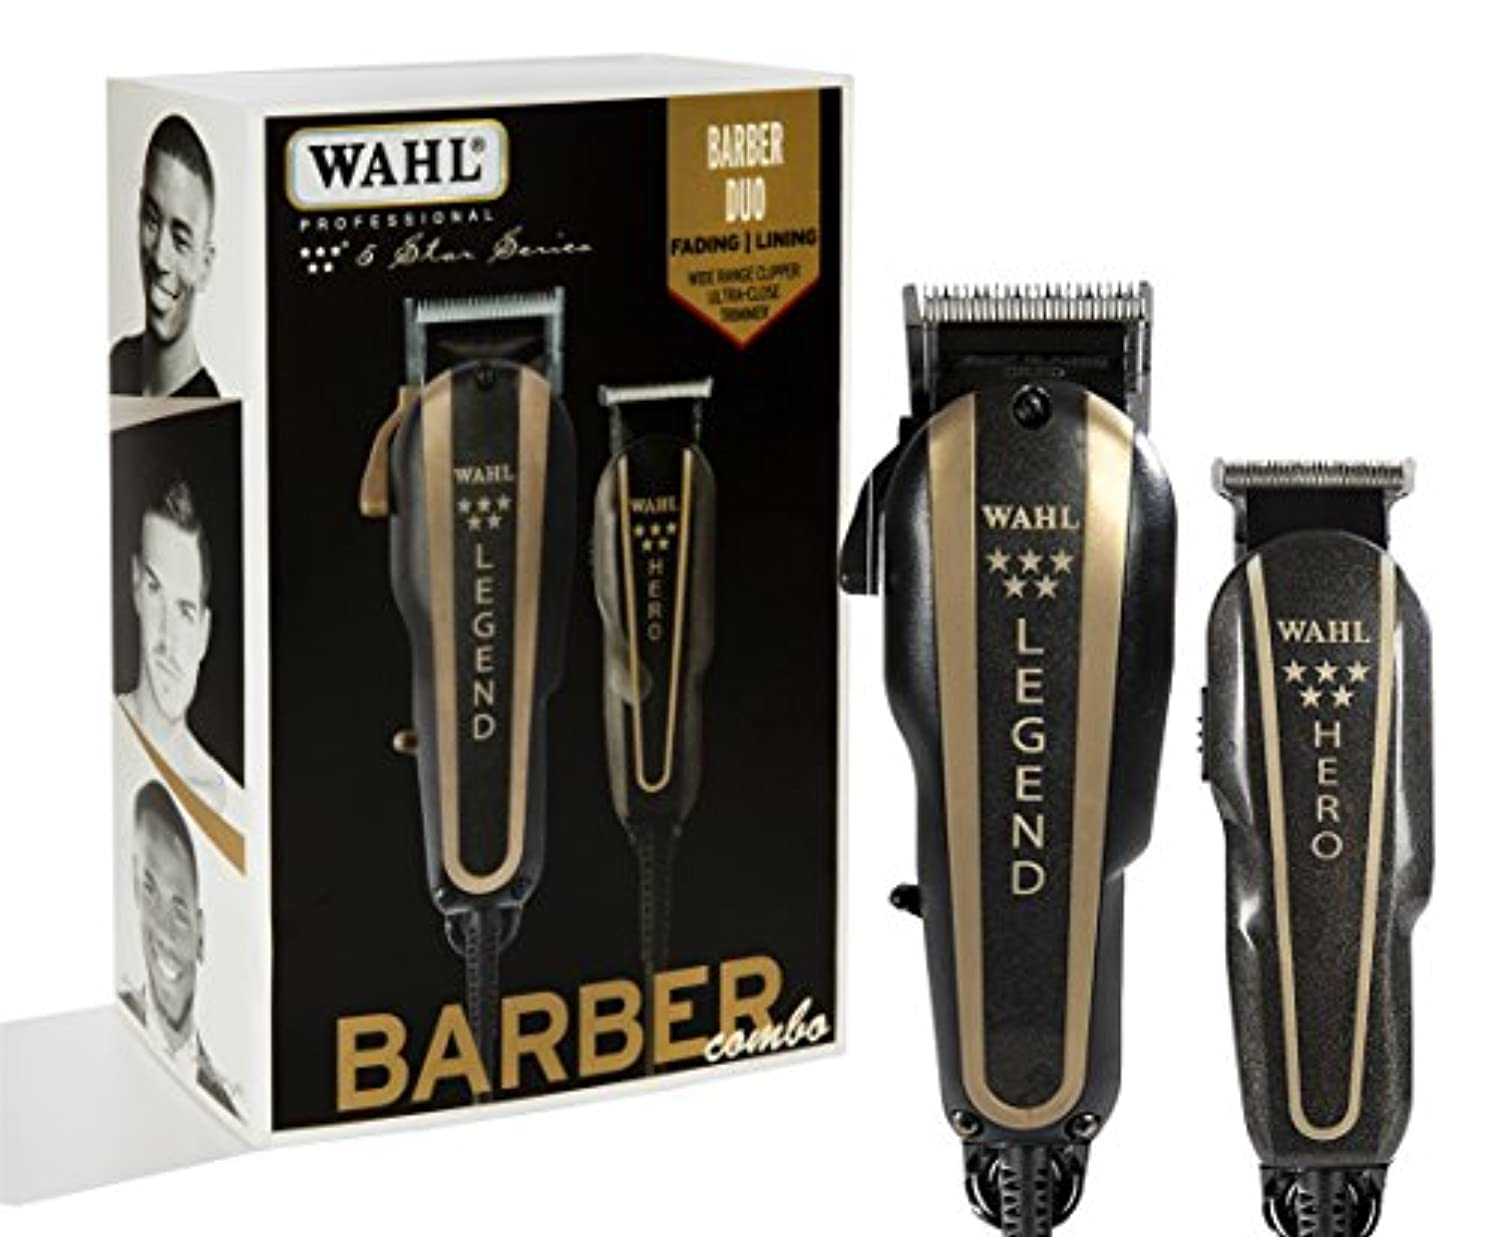 バランスインスタンス人間WAHL Professional 5 Star Series Barber Combo No. 8180